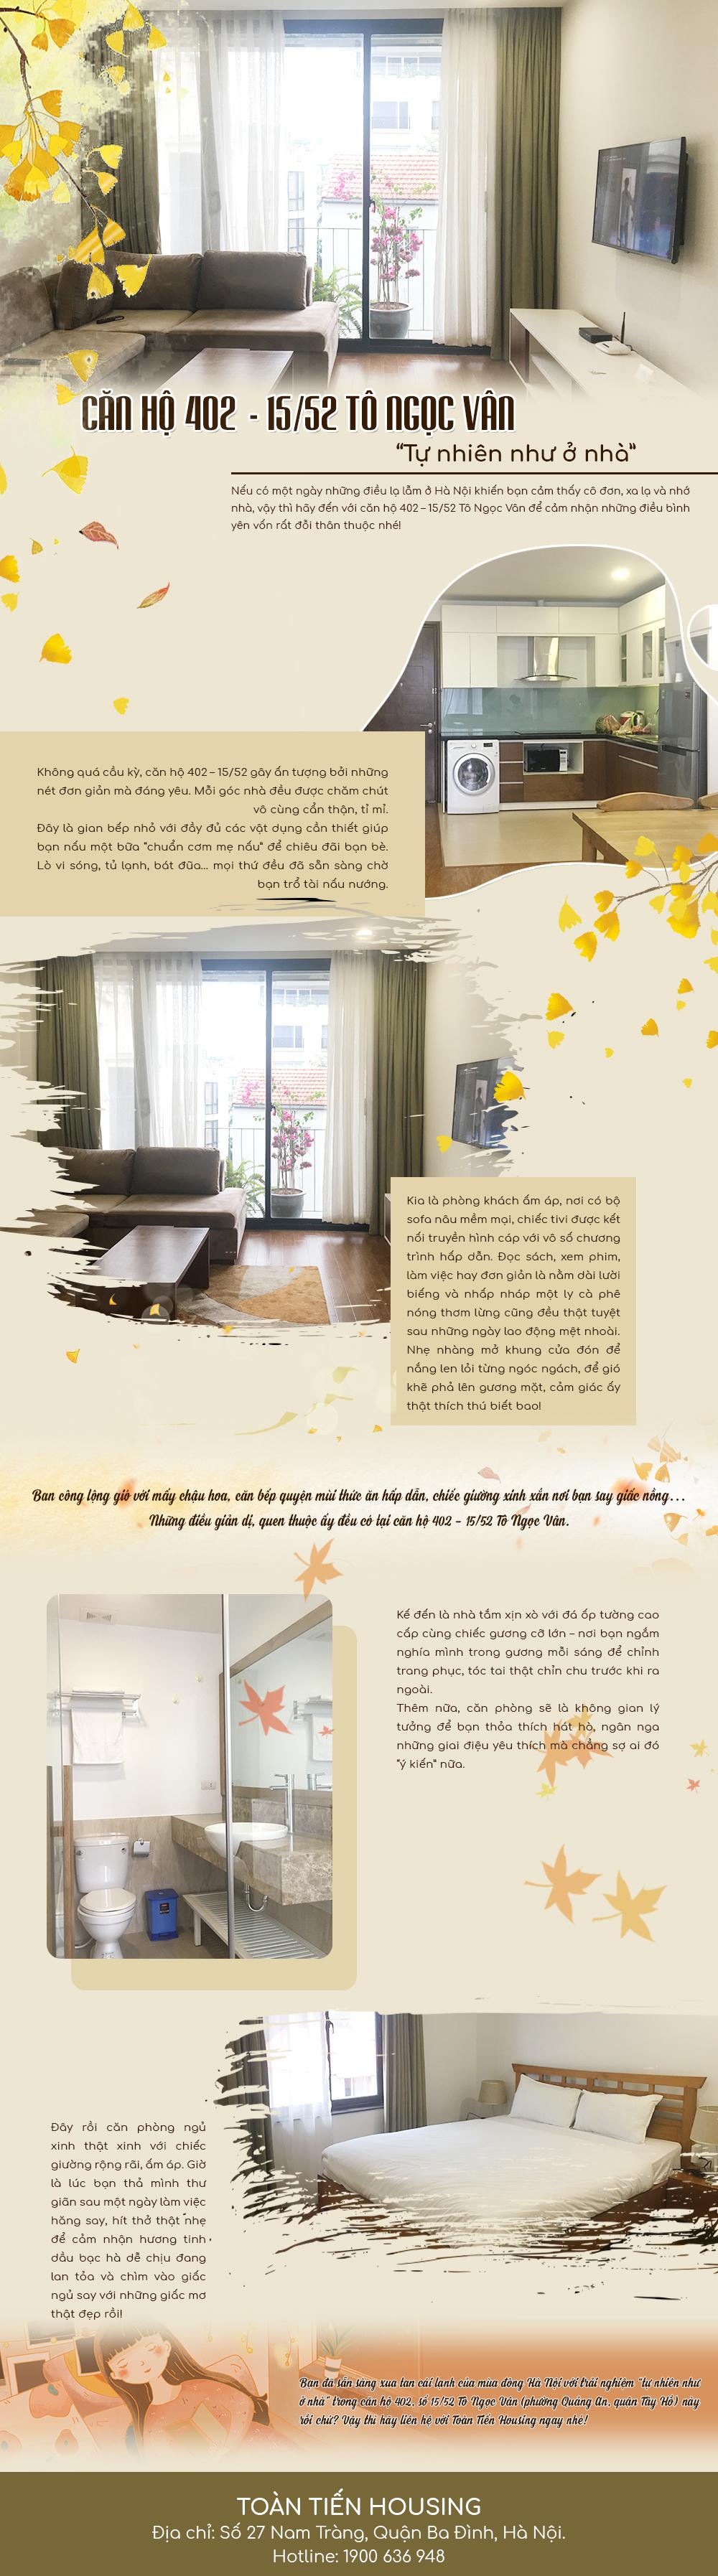 [Infographic]: Căn hộ 402 - 15/52 Tô Ngọc Vân - Tự nhiên như ở nhà